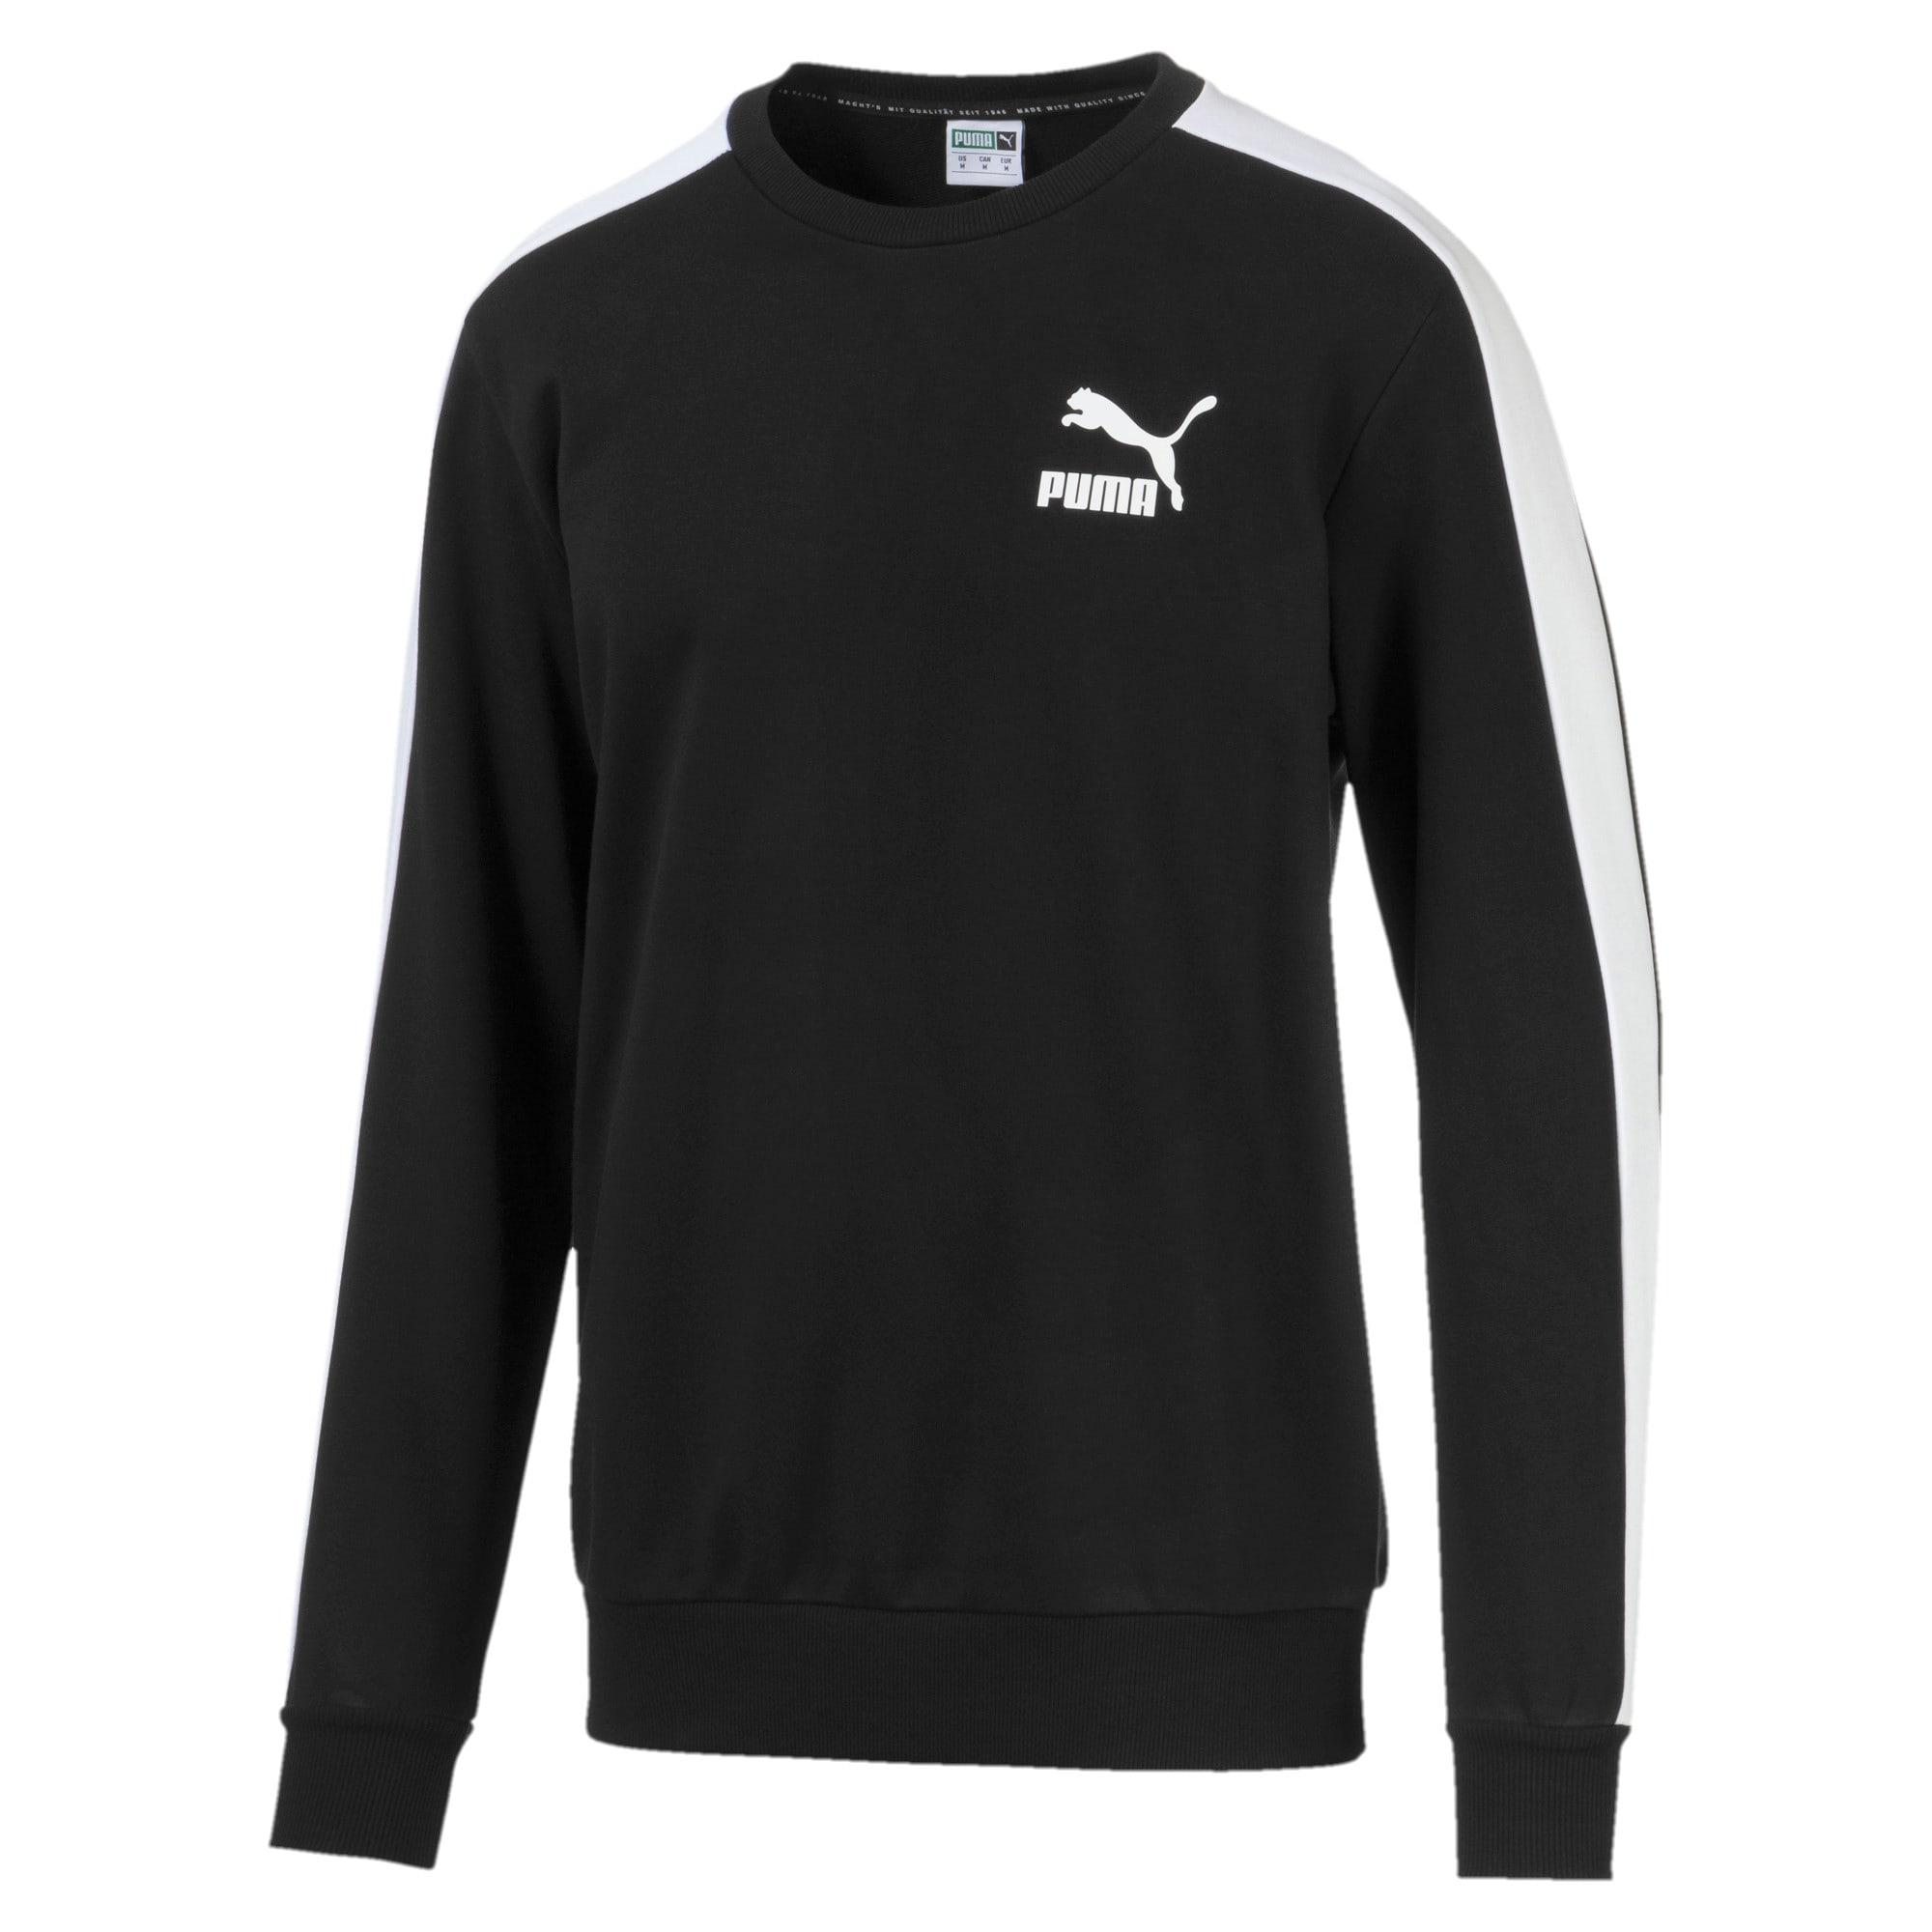 Thumbnail 4 of Iconic T7 Crew Neck Men's Sweater, Puma Black, medium